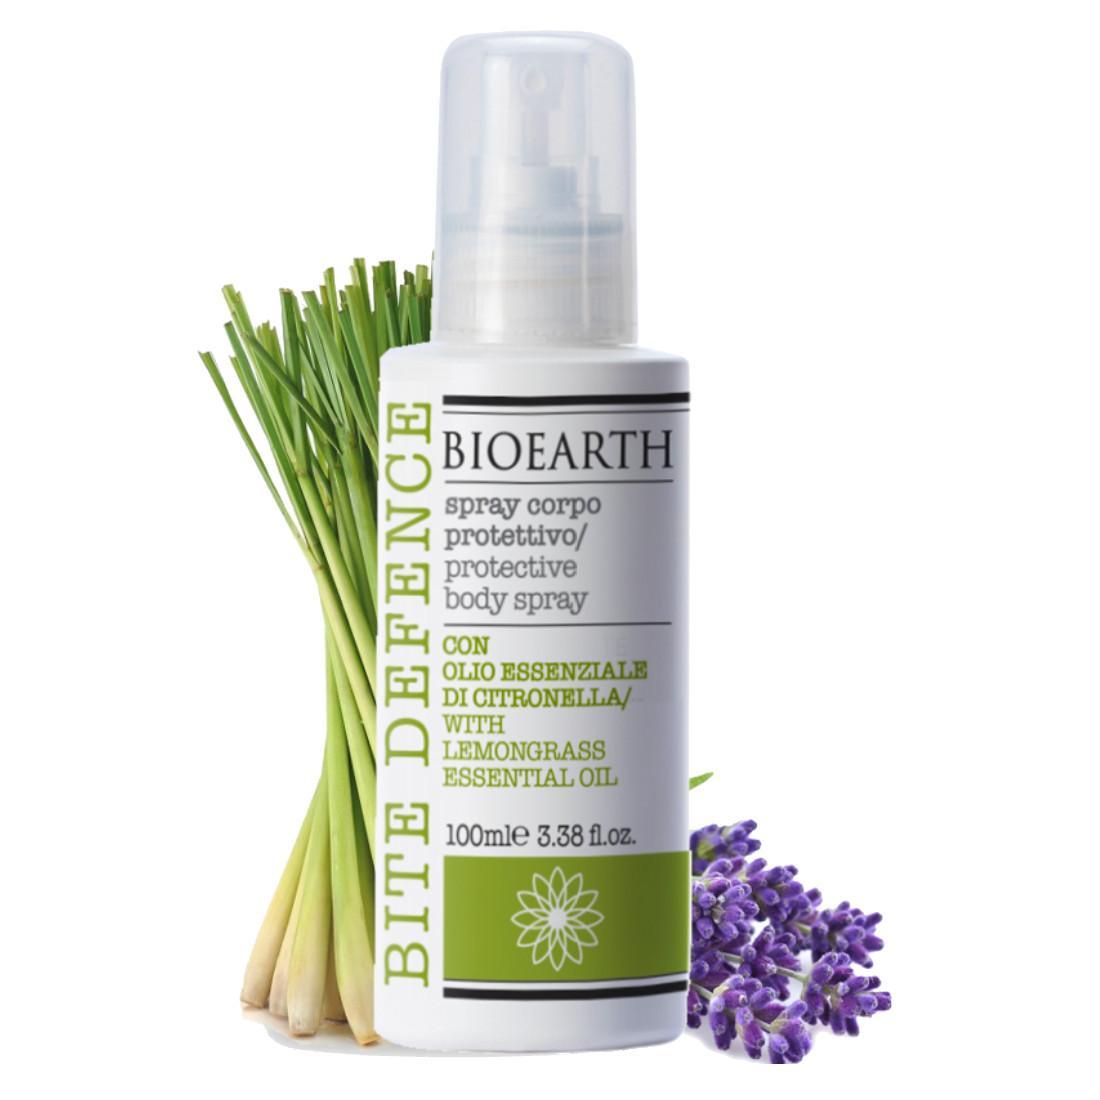 Bioearth Přírodní repelent ve spreji 100 ml